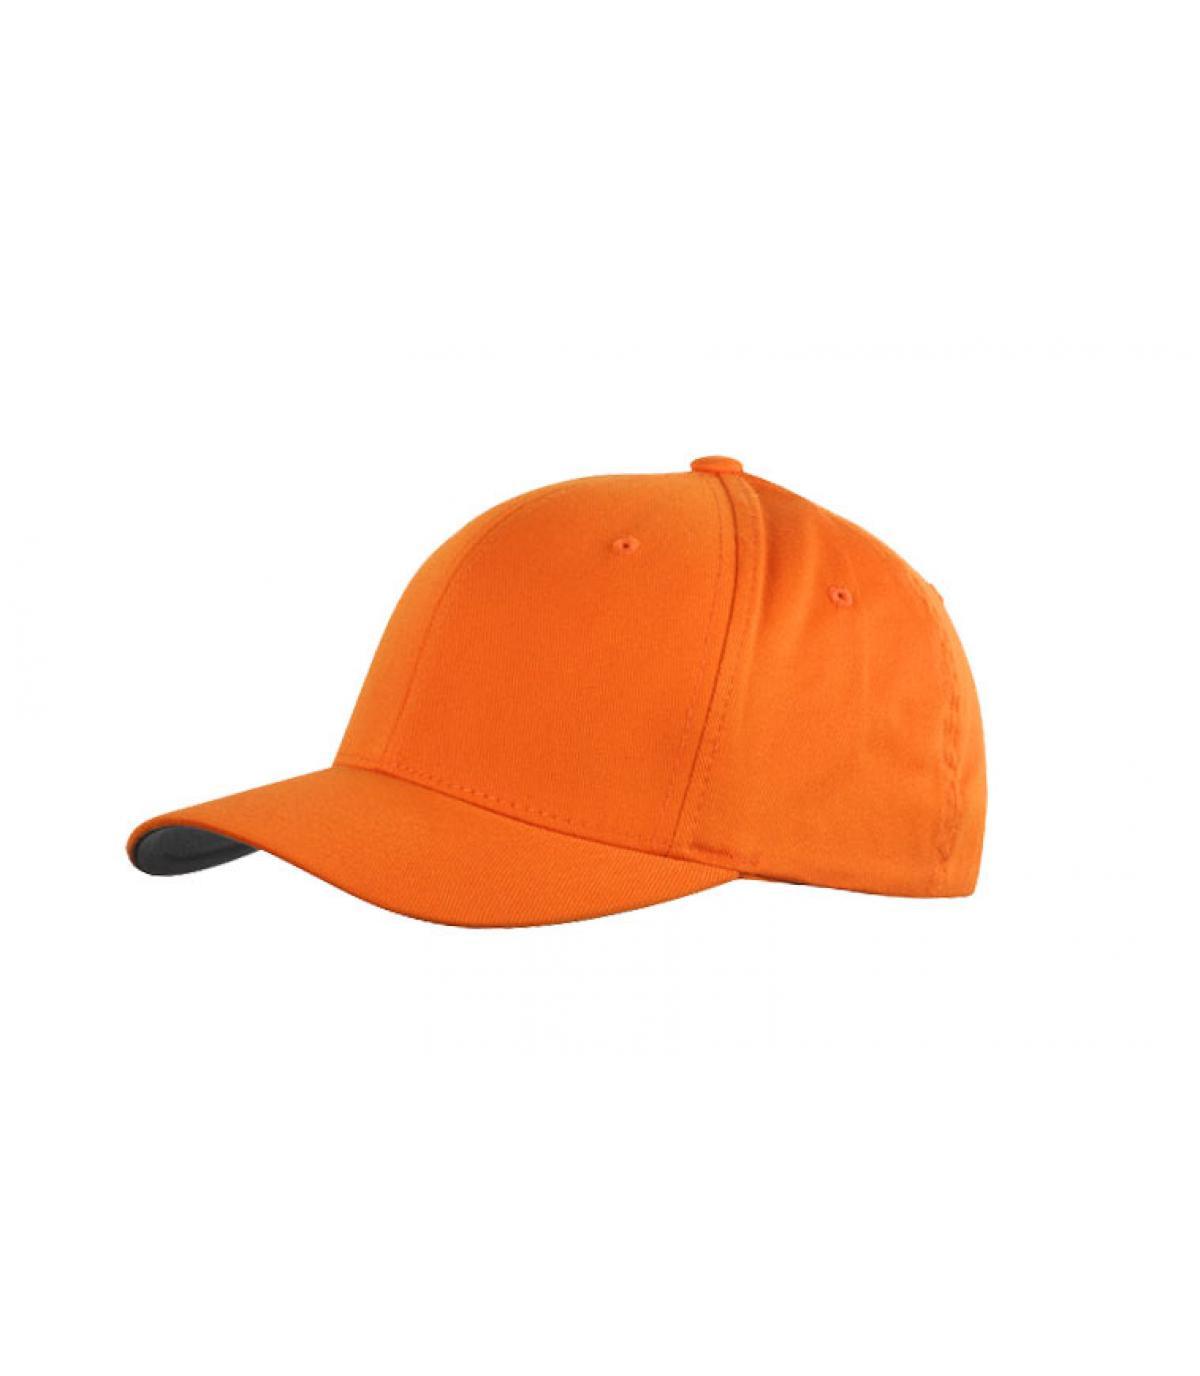 Flexfit cap orange